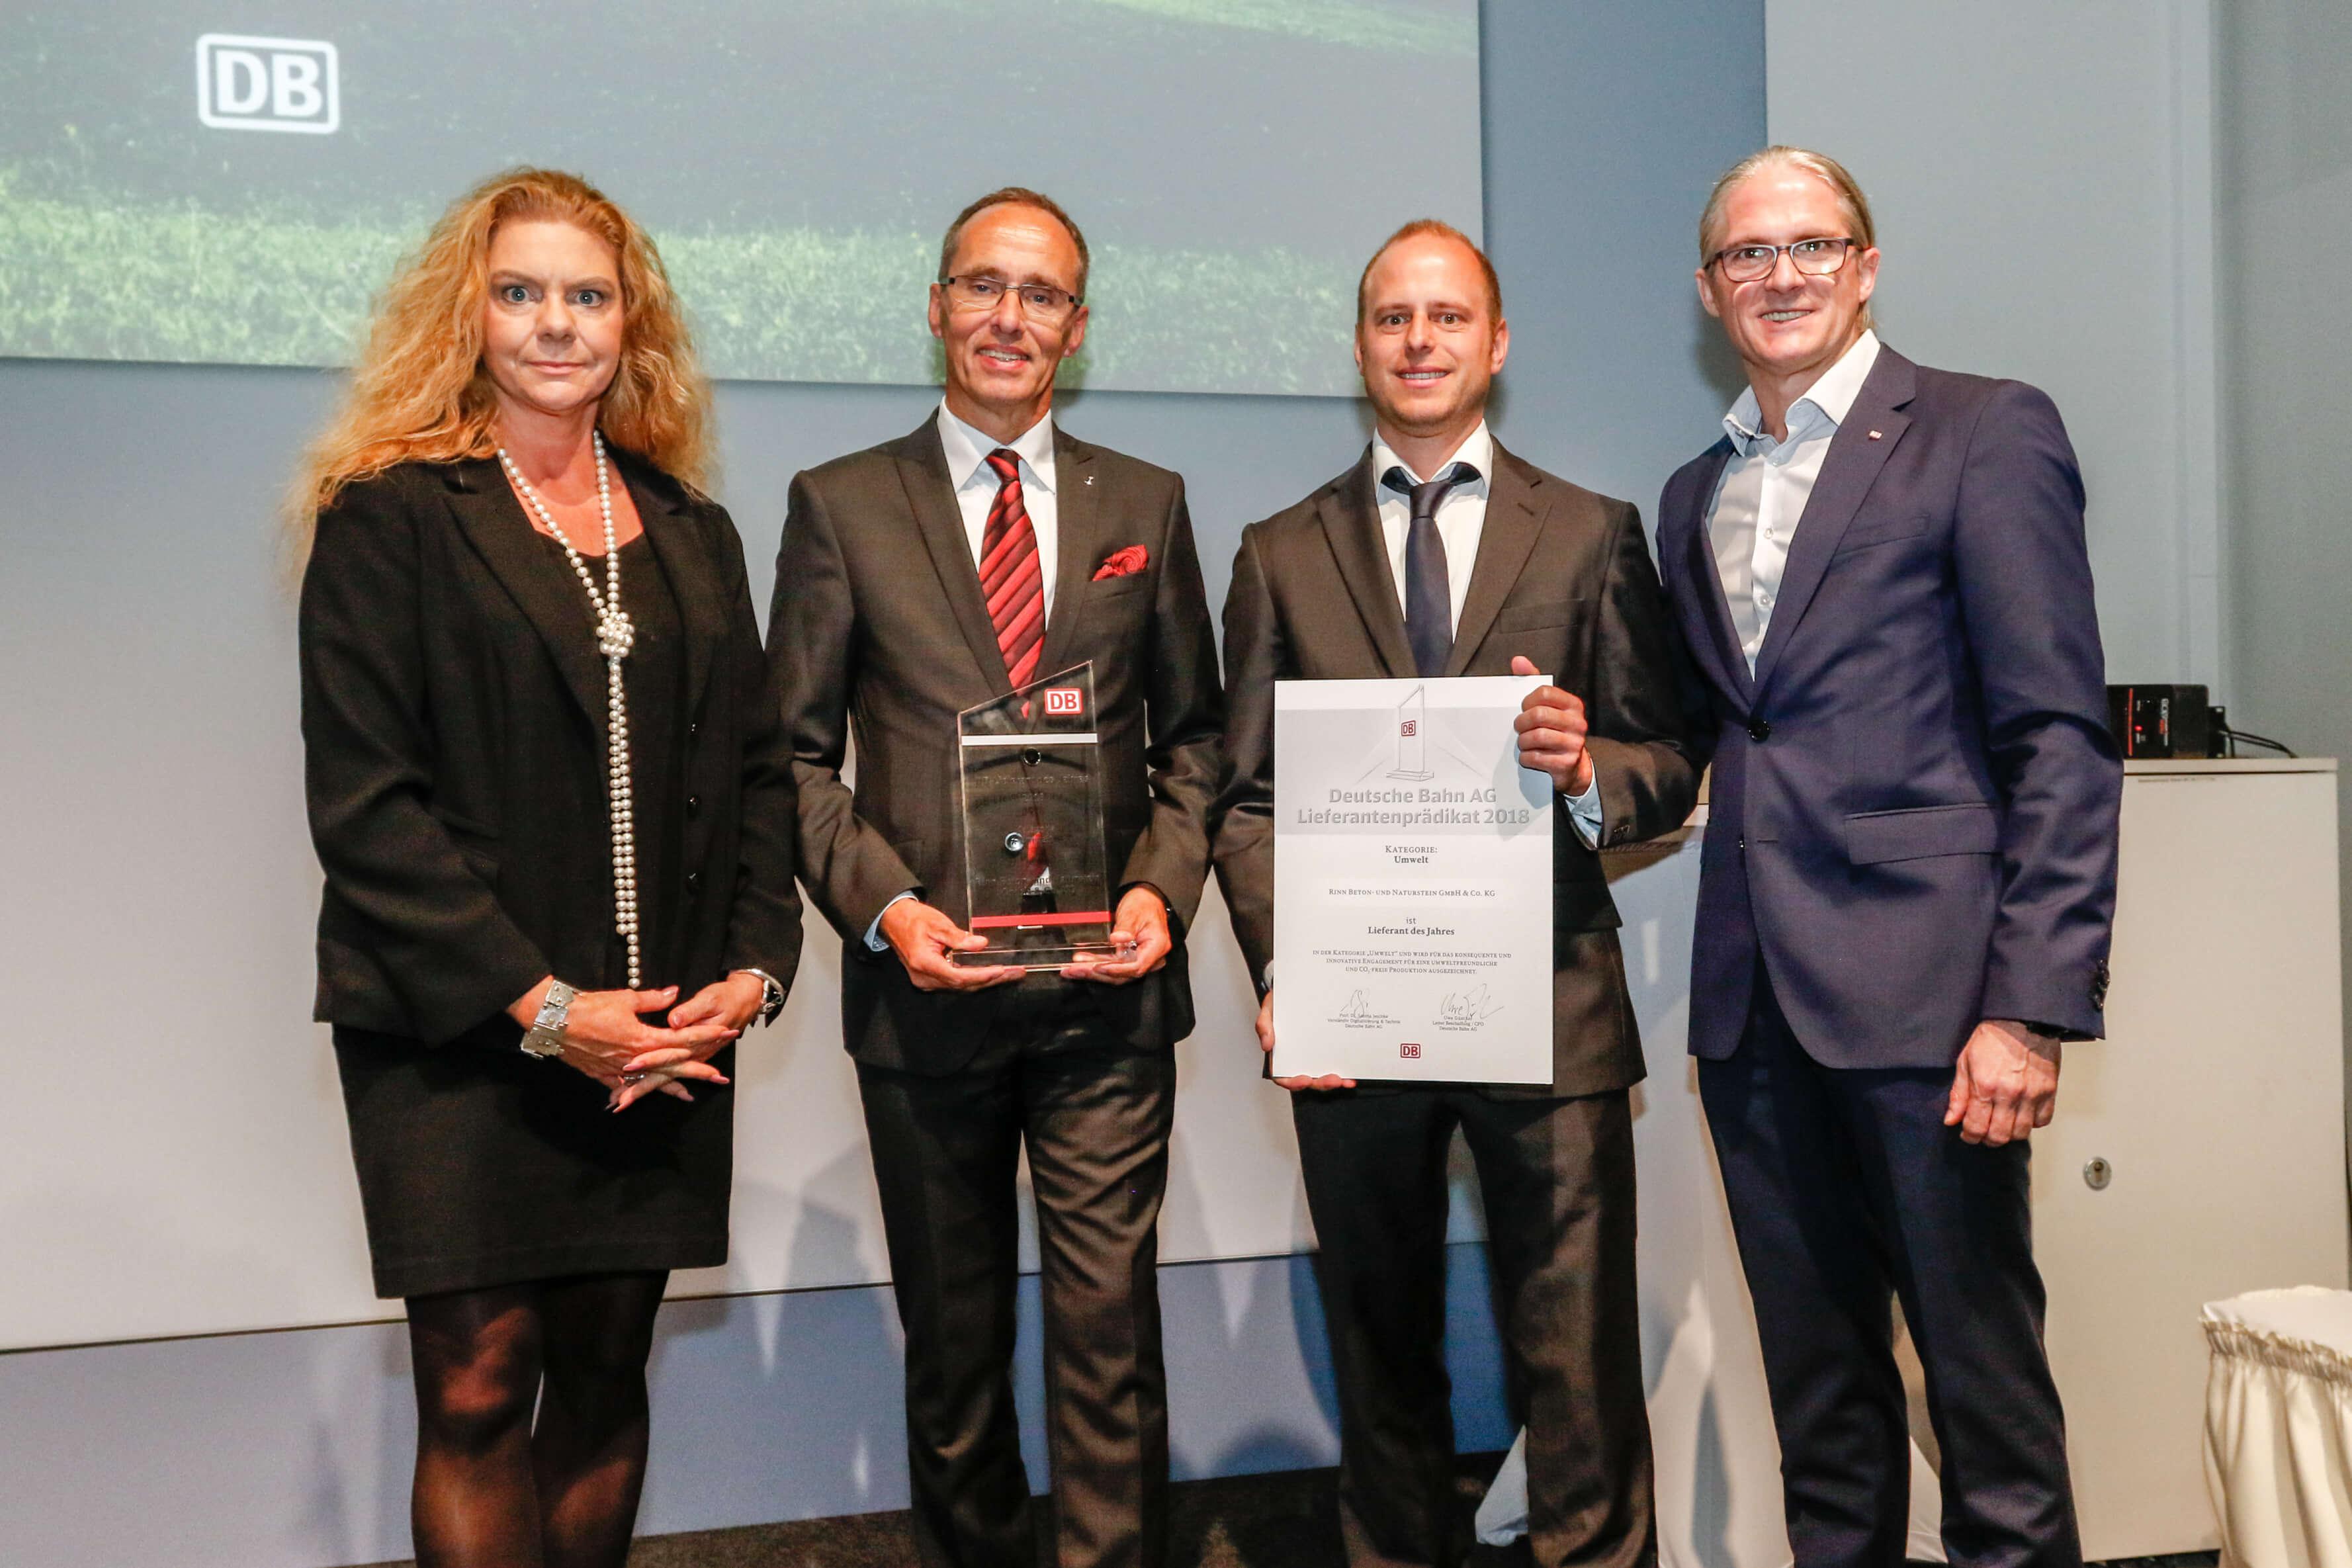 Rinn gewinnt den Lieferanten-Award Umwelt der Deutschen Bahn